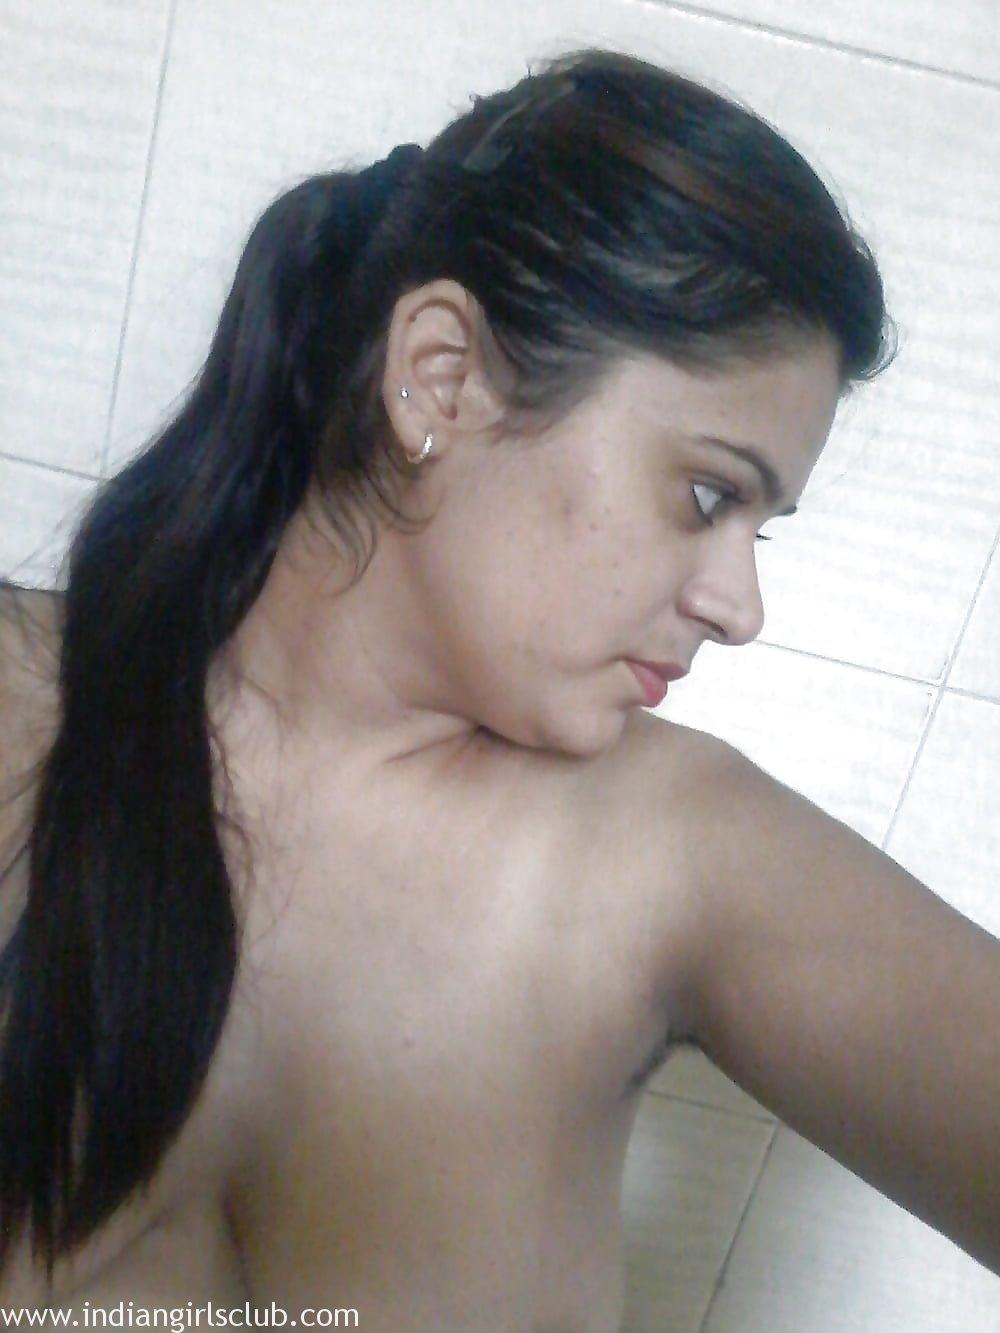 nude photo of barbie hsu